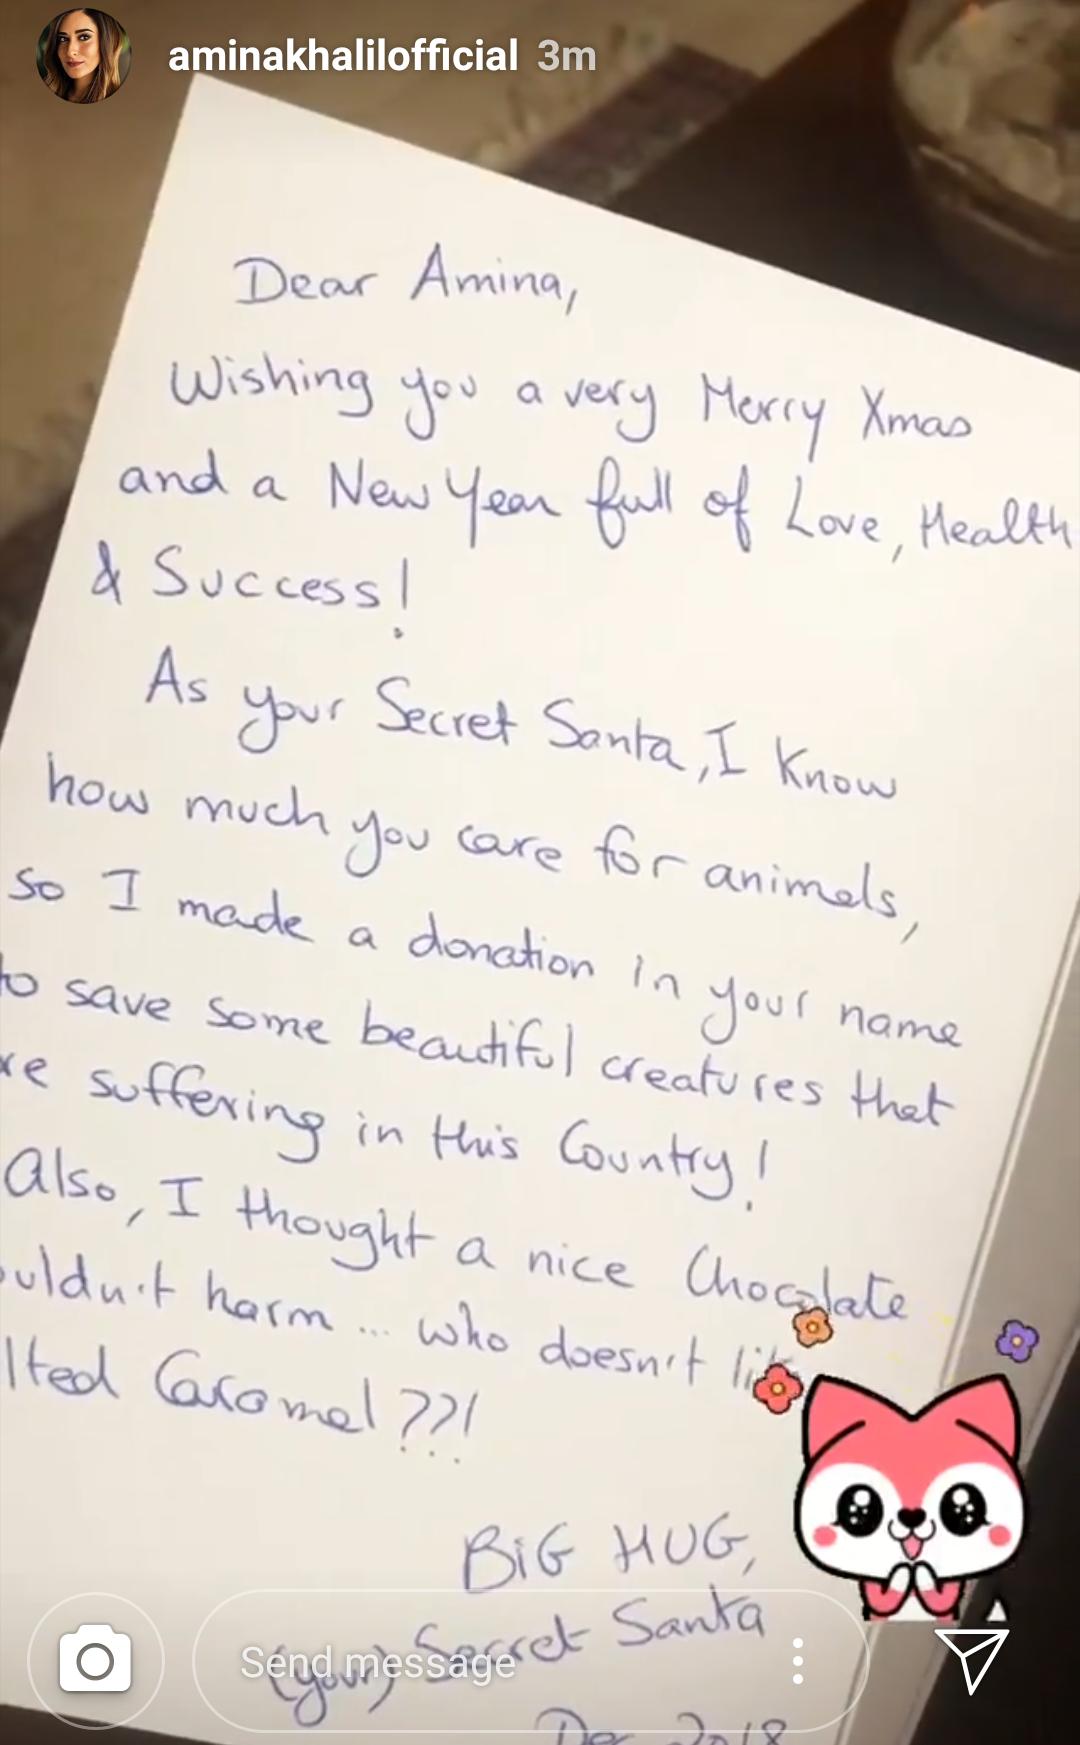 هدية سيكرت سانتا لأمينة  خليل